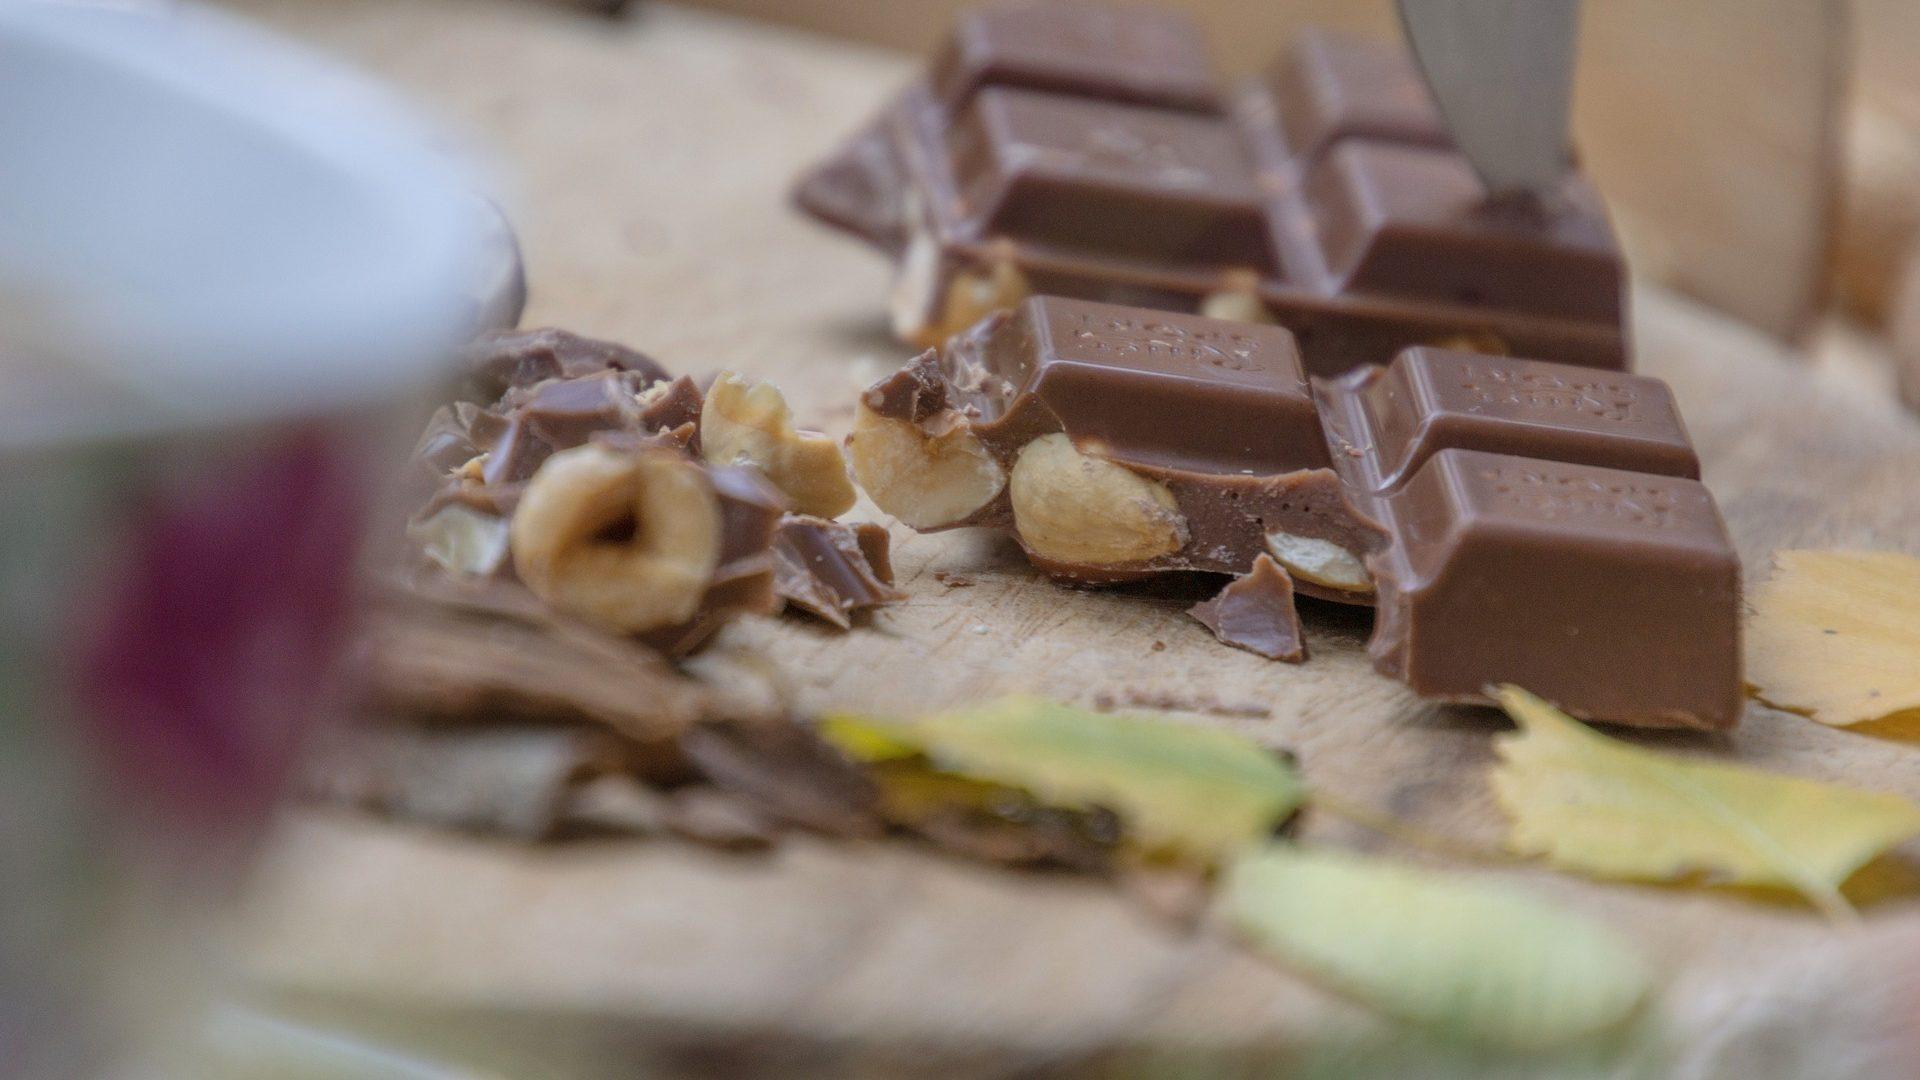 hazelnut-chocolate-3779015_1920